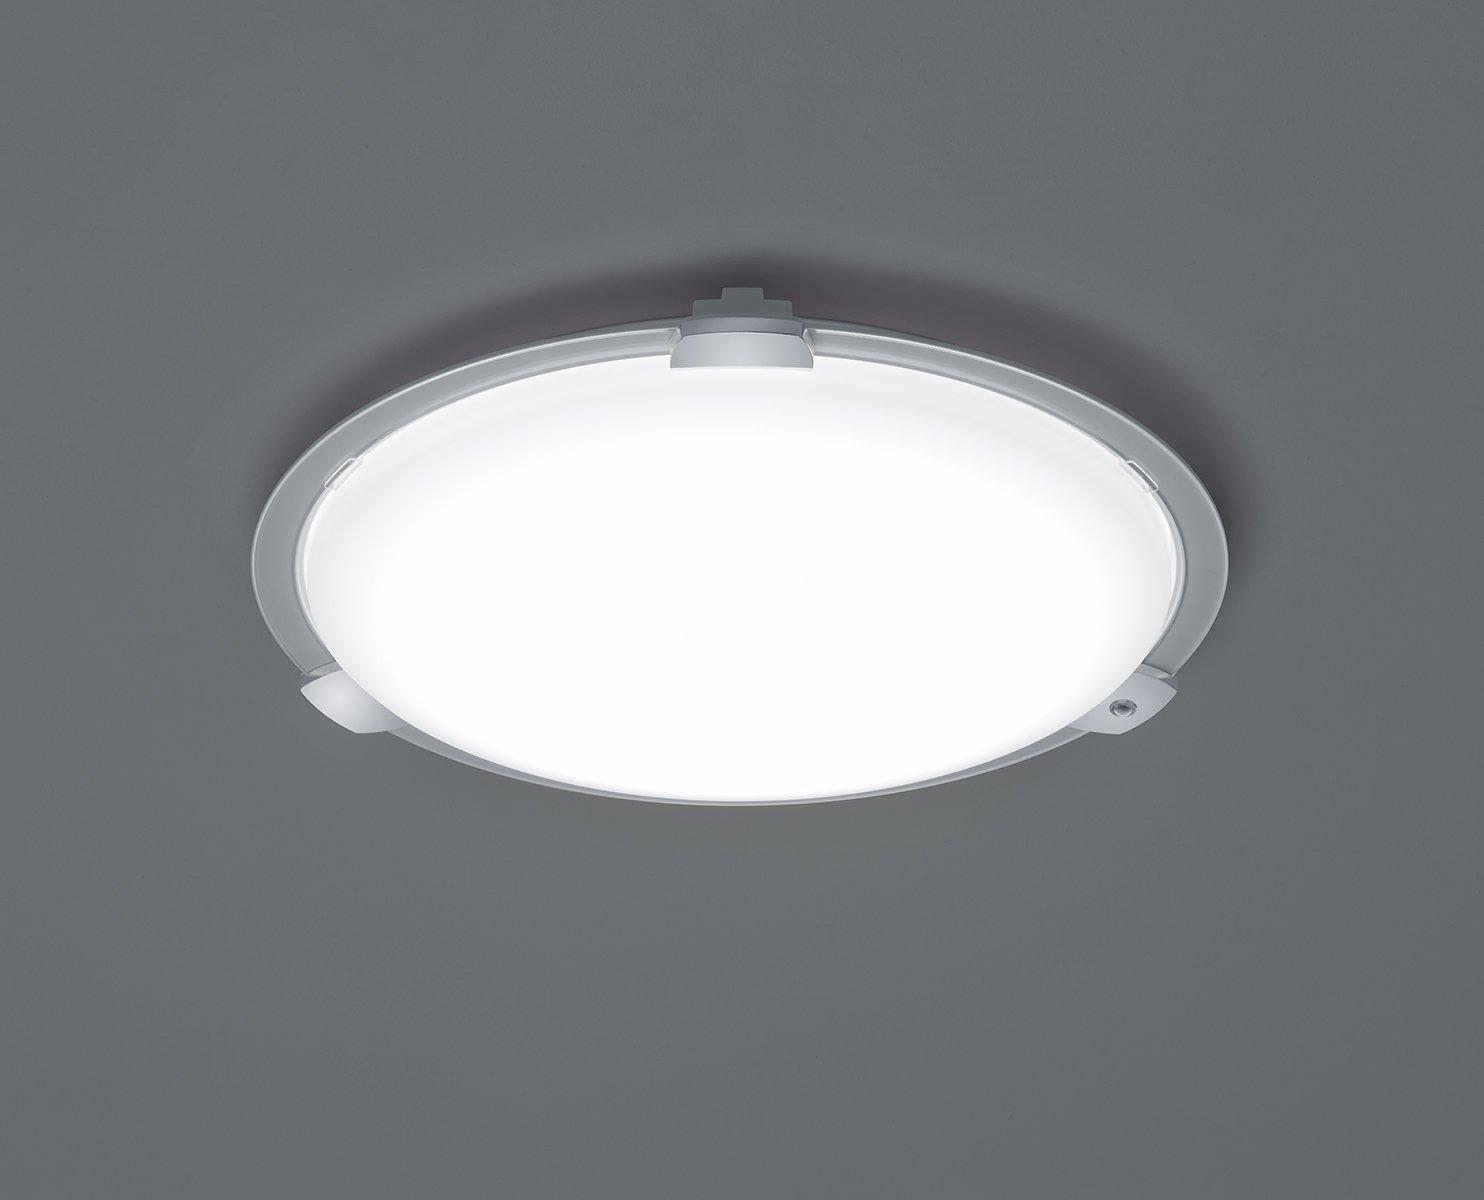 Trio leuchten led deckenleuchte yokohama acryl weiß 658715801